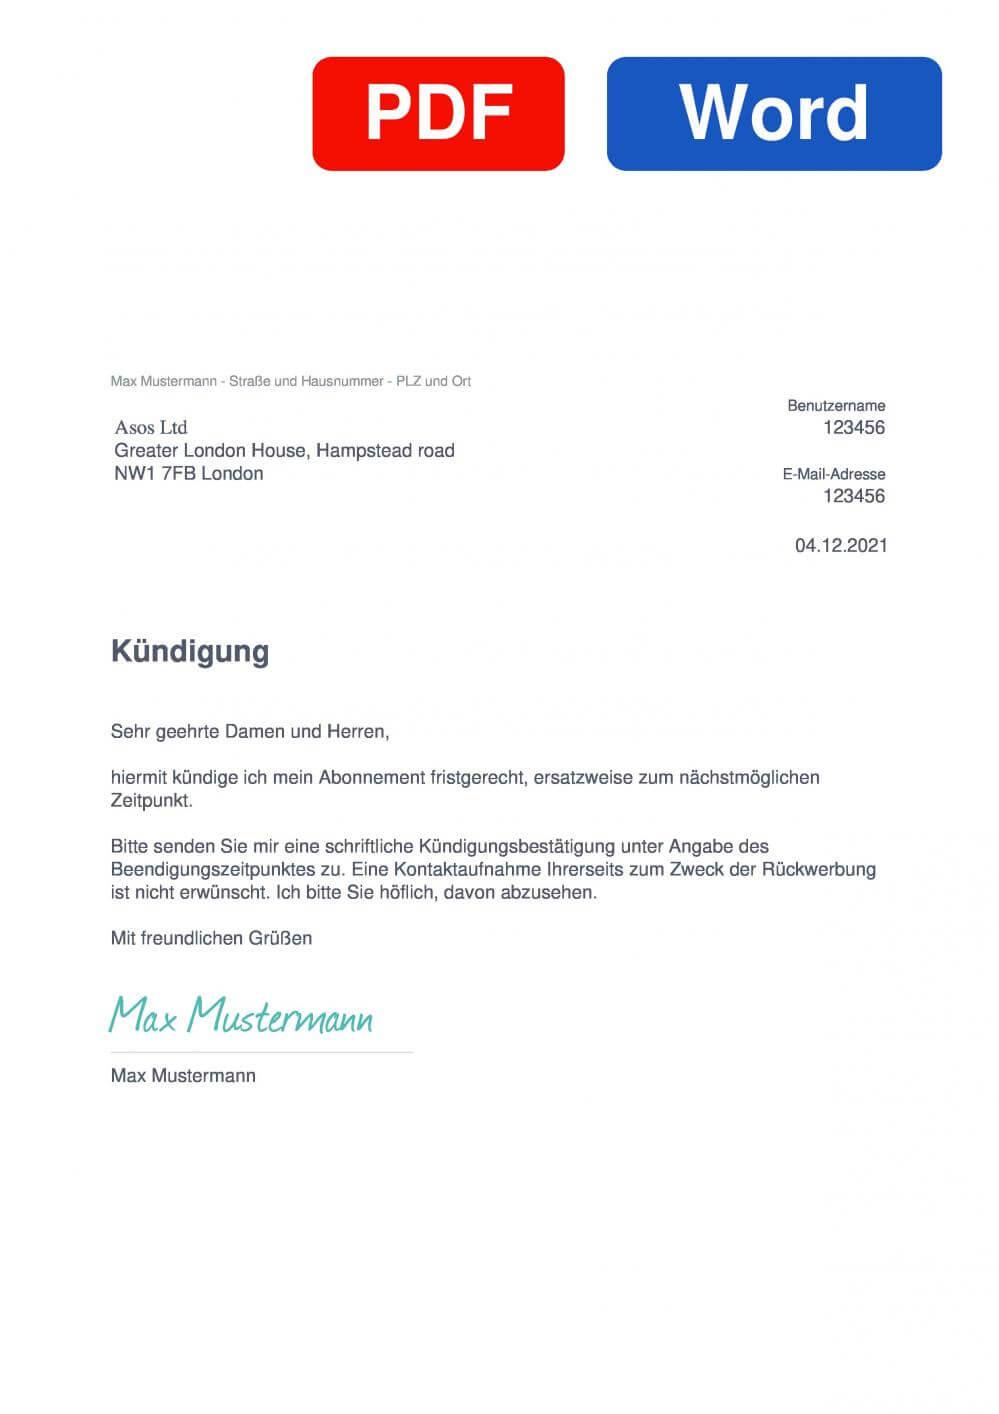 Asos Premier-Lieferung Muster Vorlage für Kündigungsschreiben